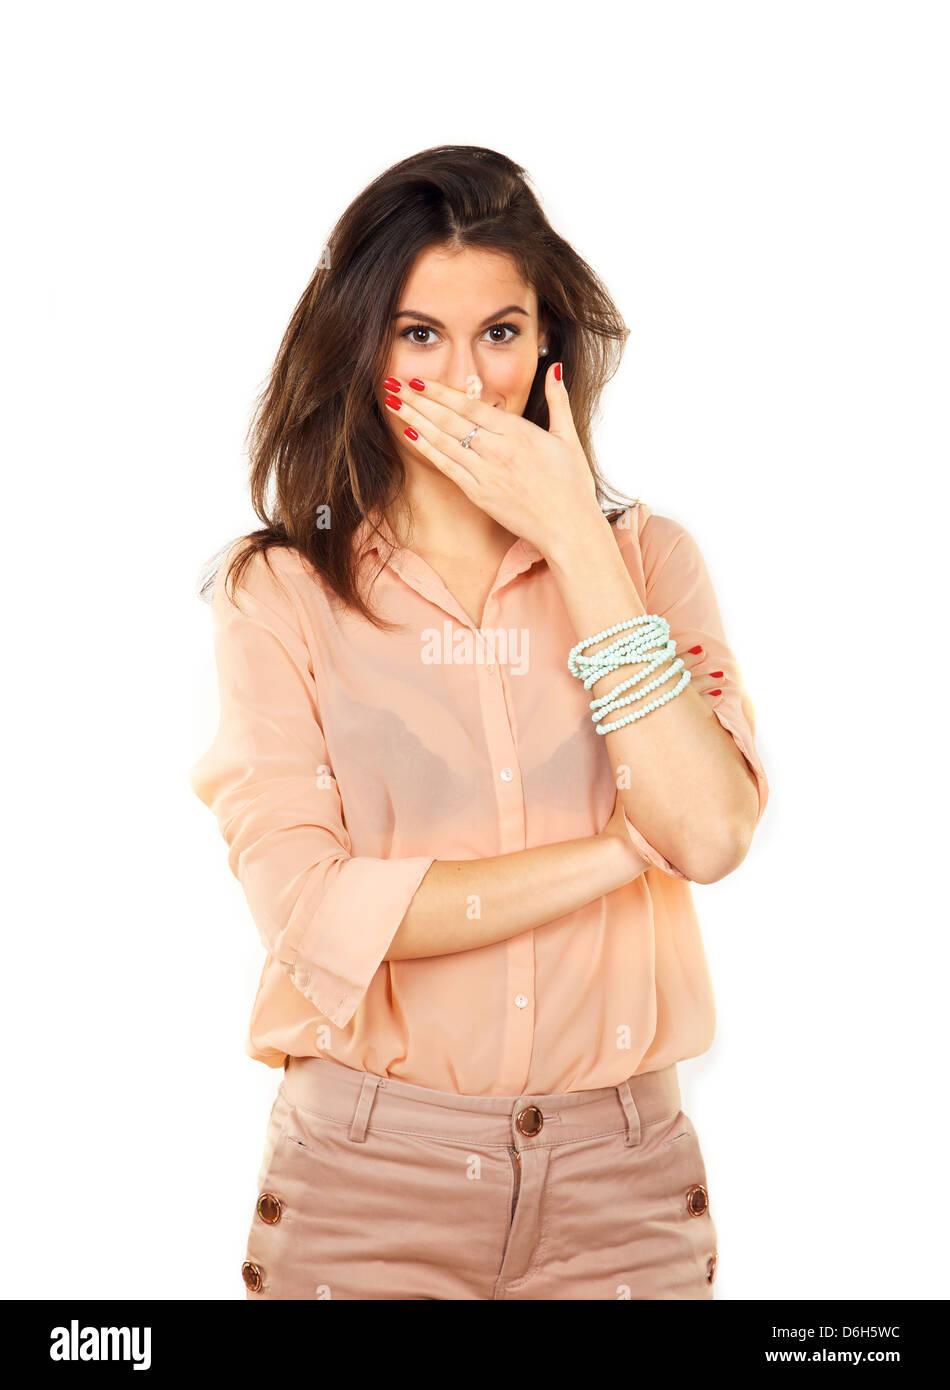 Jeune femme élégante surpris en utilisant sa main pour couvrir sa bouche Photo Stock